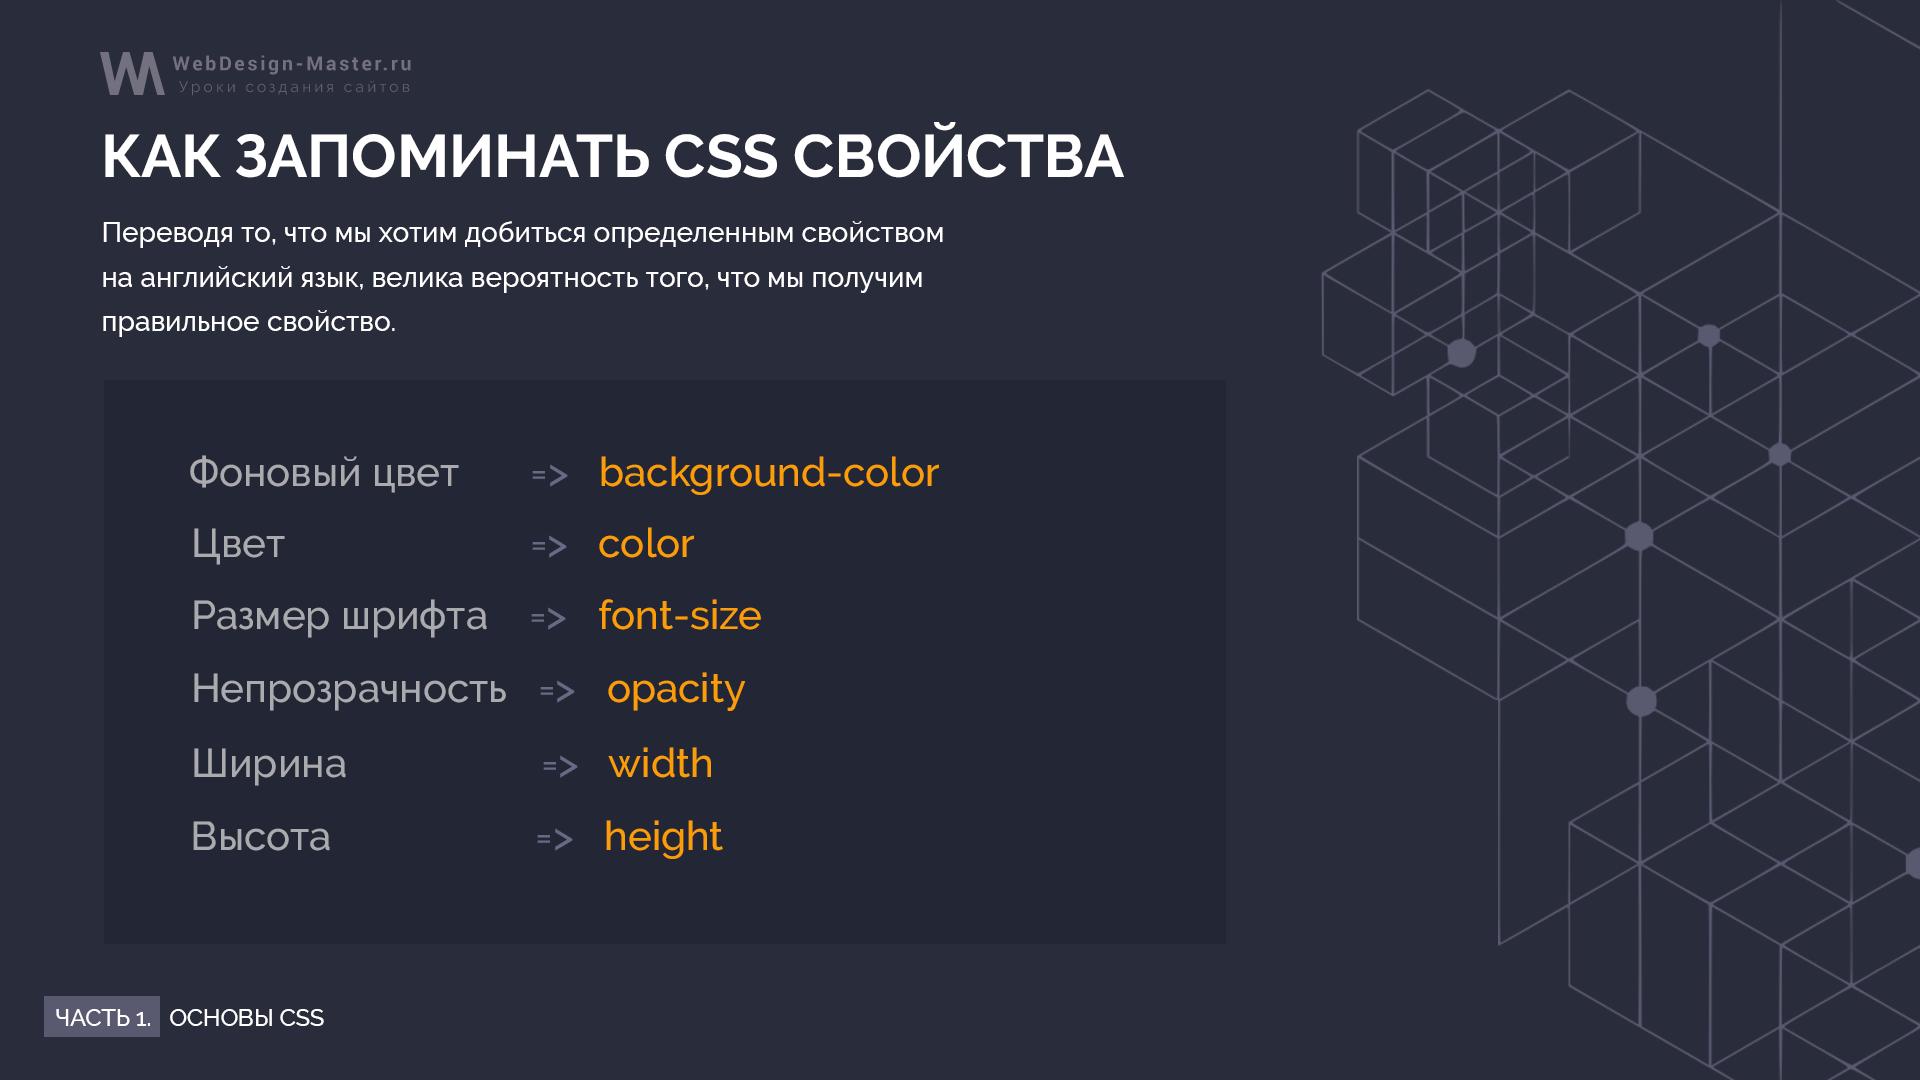 Как запомнить CSS свойства